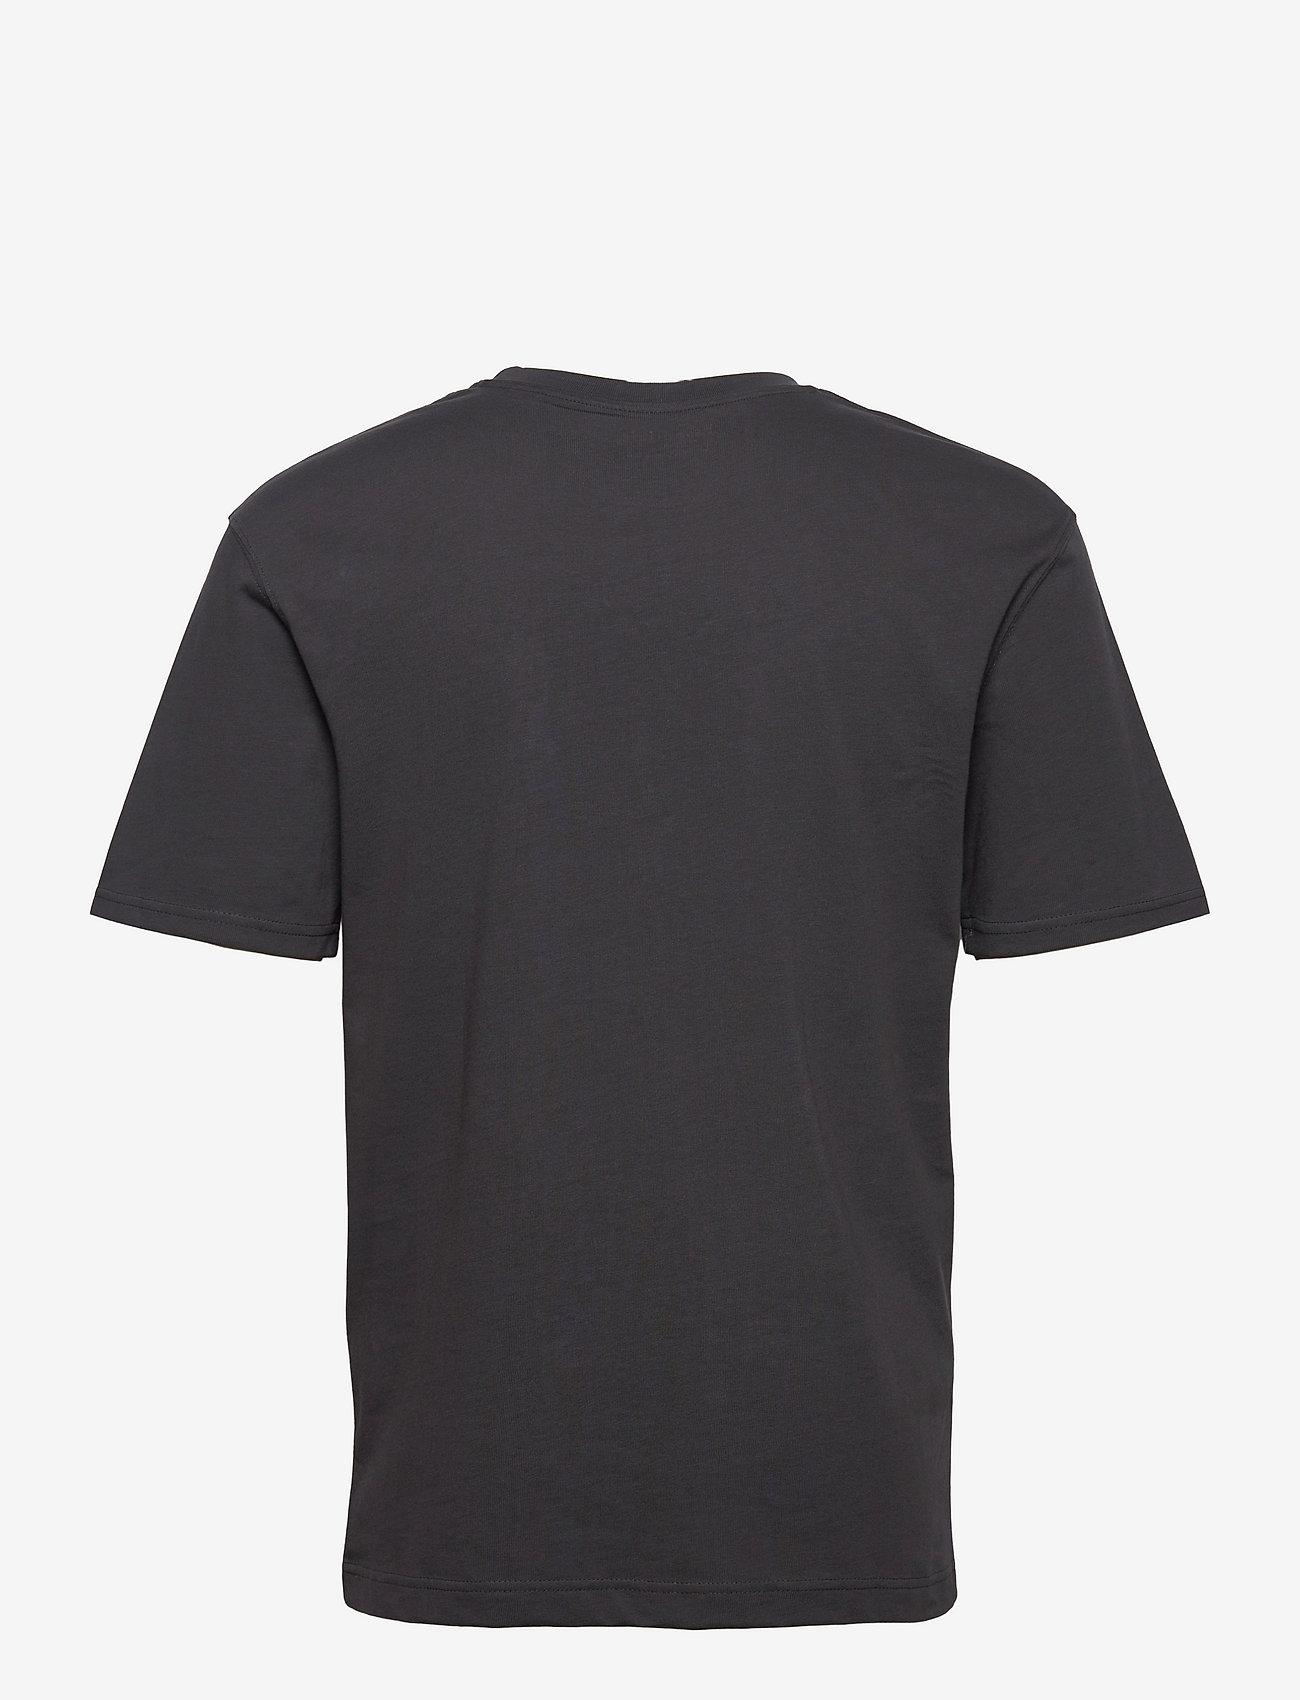 Jack & Jones - JJERELAXED TEE SS O-NECK - basic t-shirts - asphalt - 1